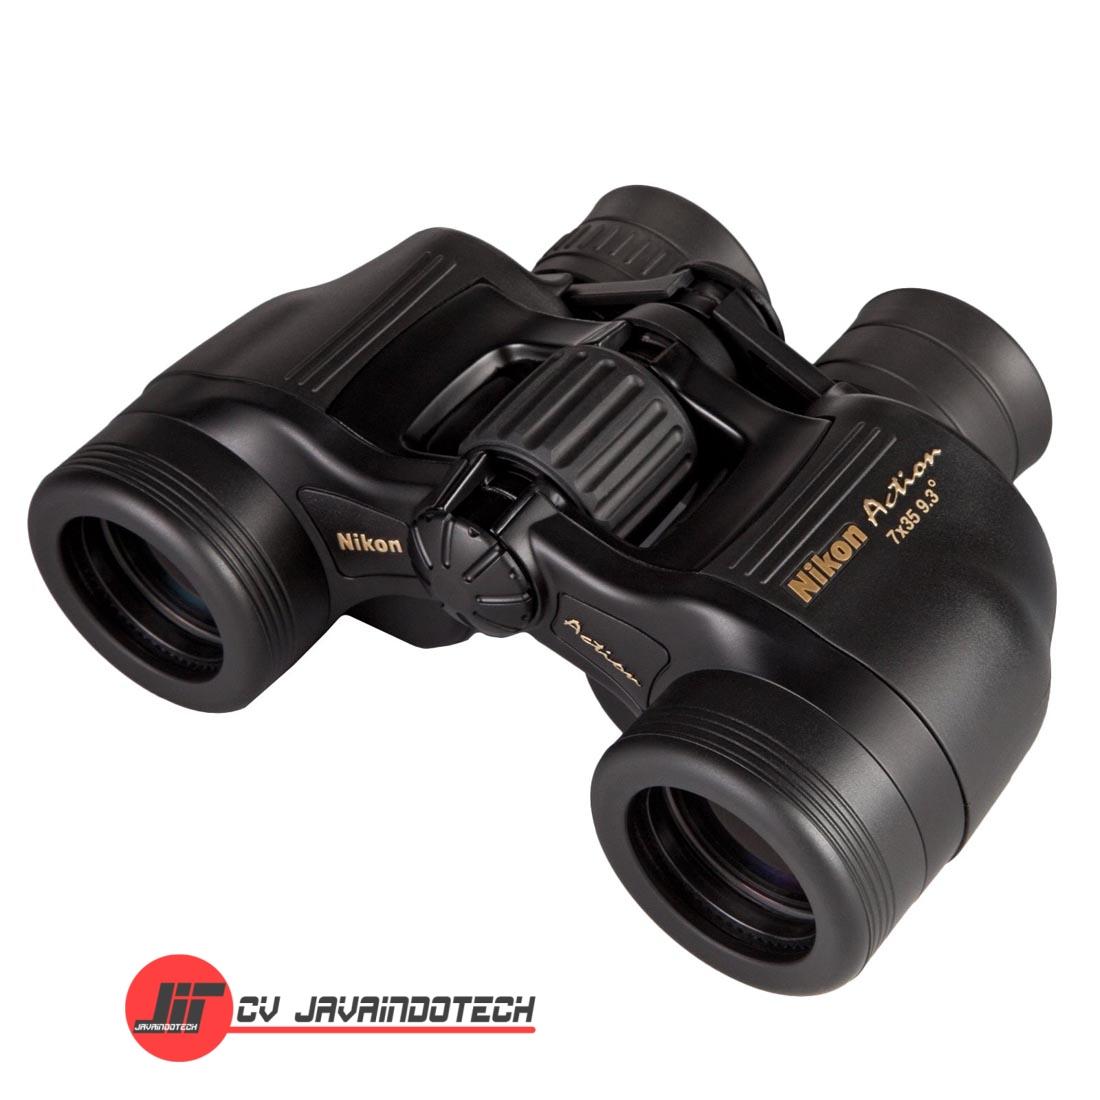 Review Spesifikasi dan Harga Jual Nikon Action EX Series 7X35 CF original termurah dan bergaransi resmi